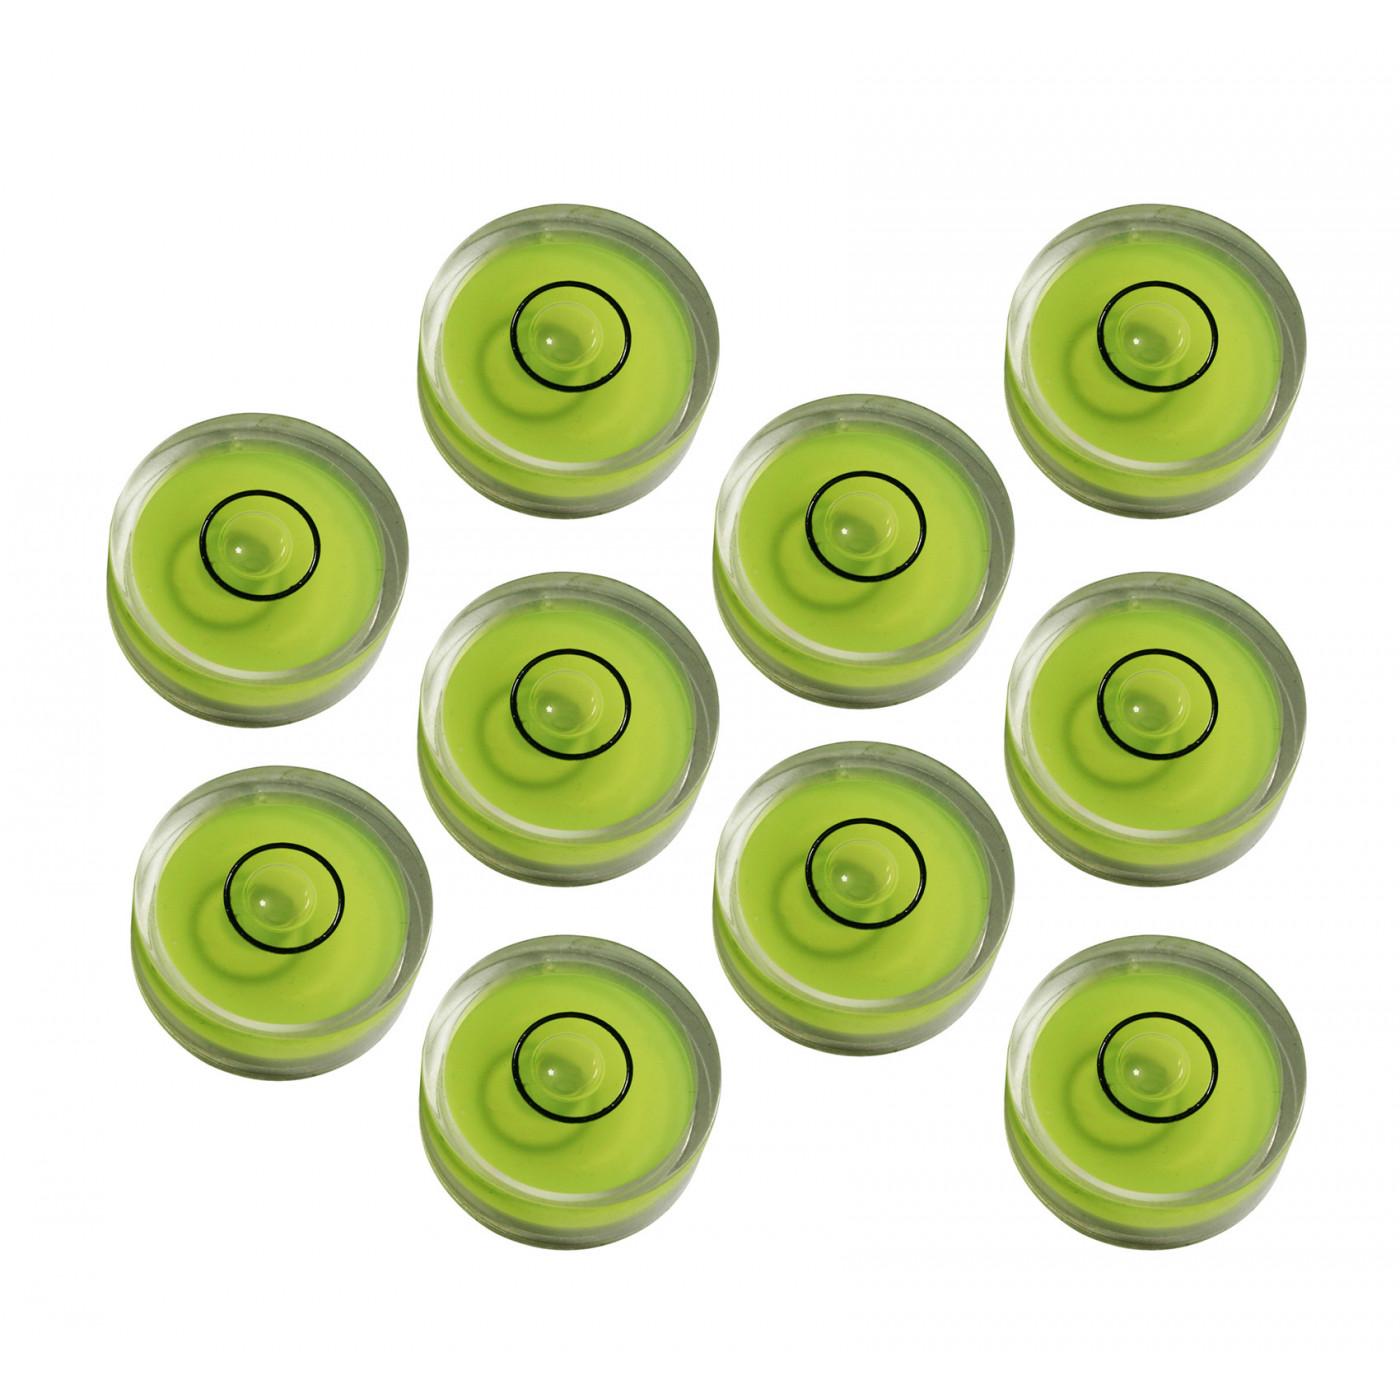 Zestaw 10 małych okrągłych poziomnic bąbelkowych rozmiar 2